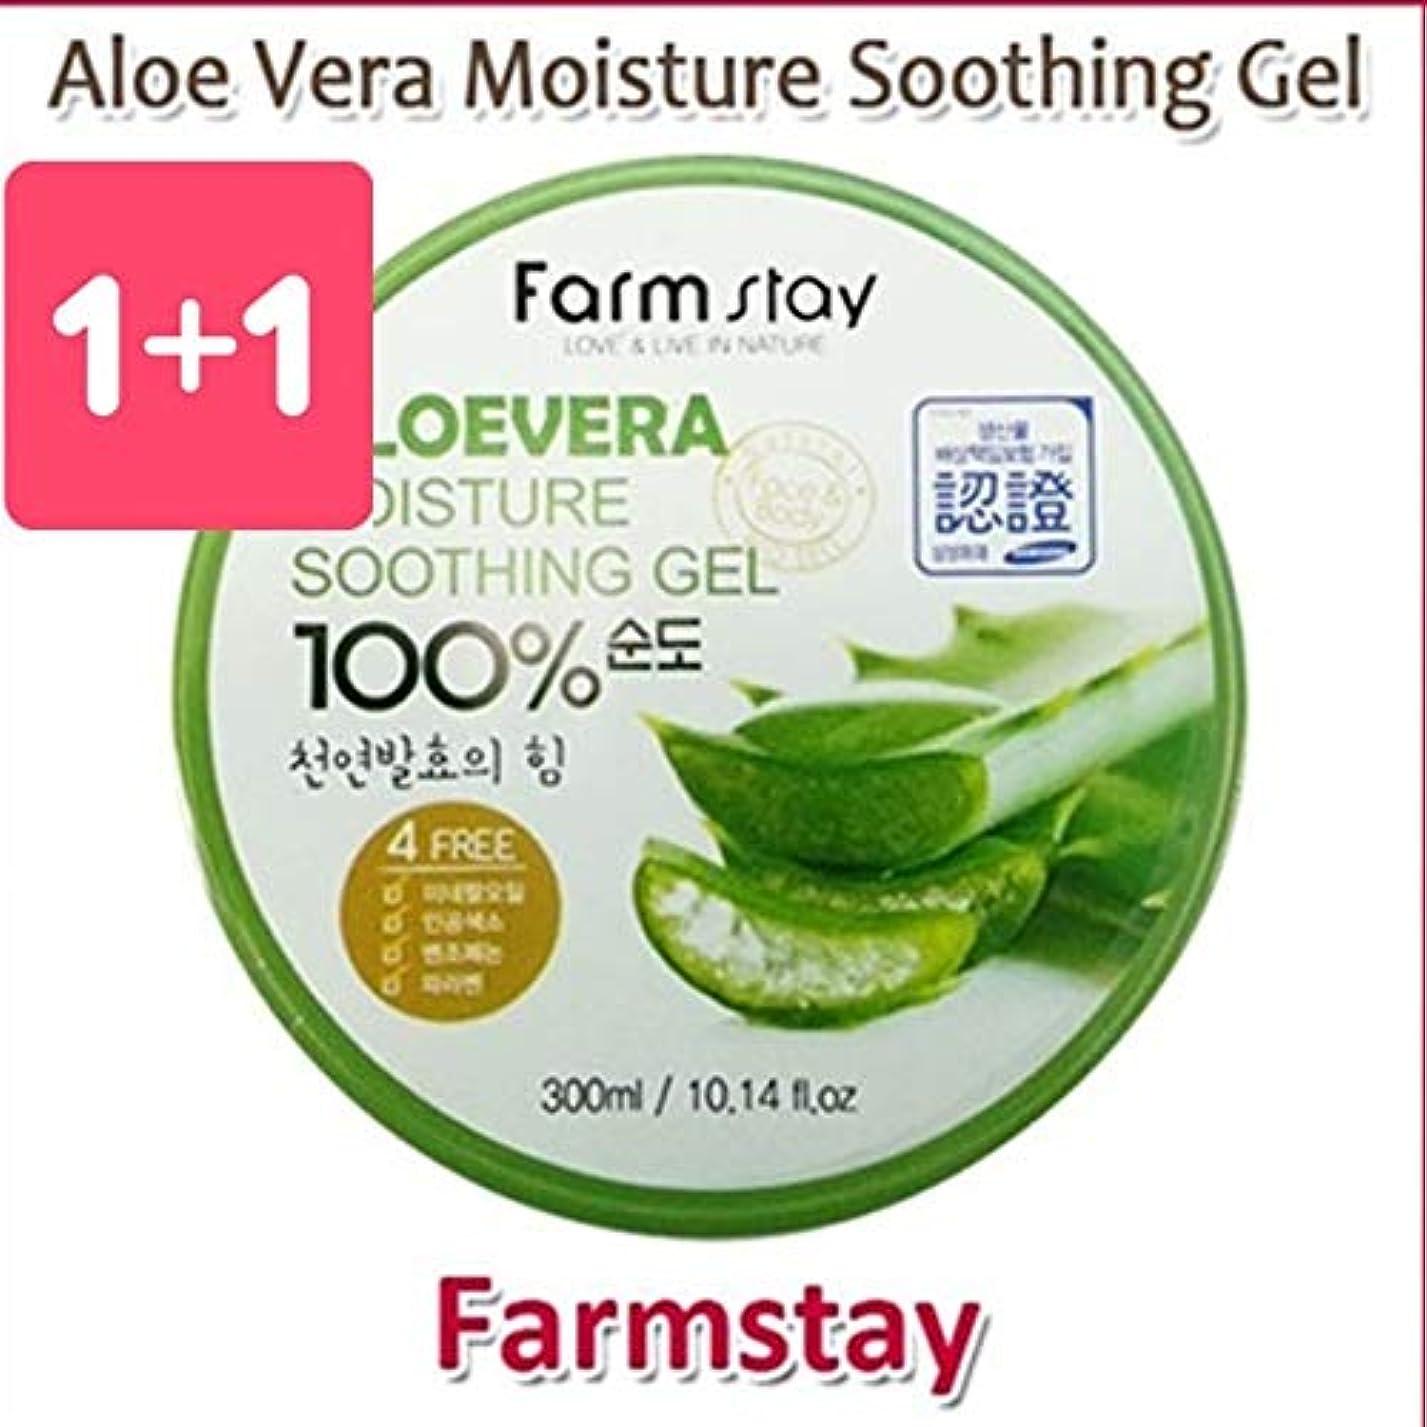 抑圧オアシス木Farm Stay Aloe Vera Moisture Soothing Gel 300ml 1+1 Big Sale/オーガニック アロエベラゲル 100%/保湿ケア/韓国コスメ/Aloe Vera 100% /Moisturizing...